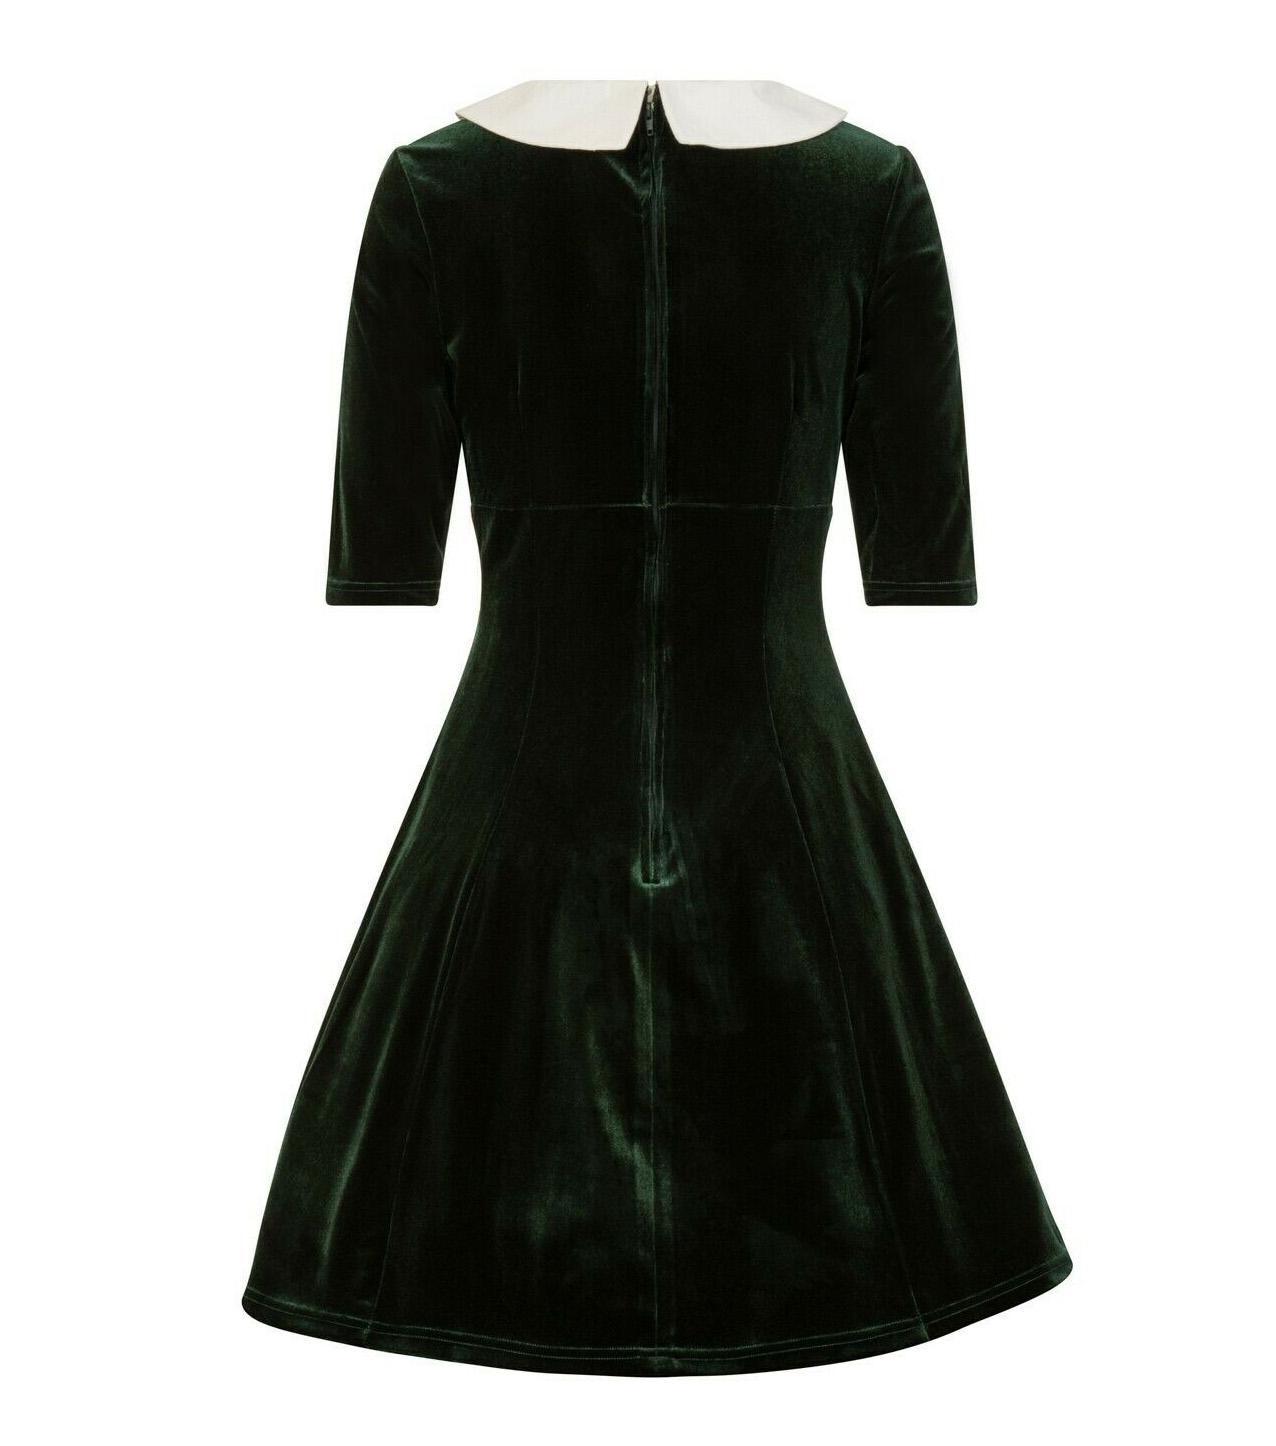 Hell-Bunny-Mini-Skater-Dress-Festive-Christmas-NICOLA-Green-Velvet-All-Sizes thumbnail 33